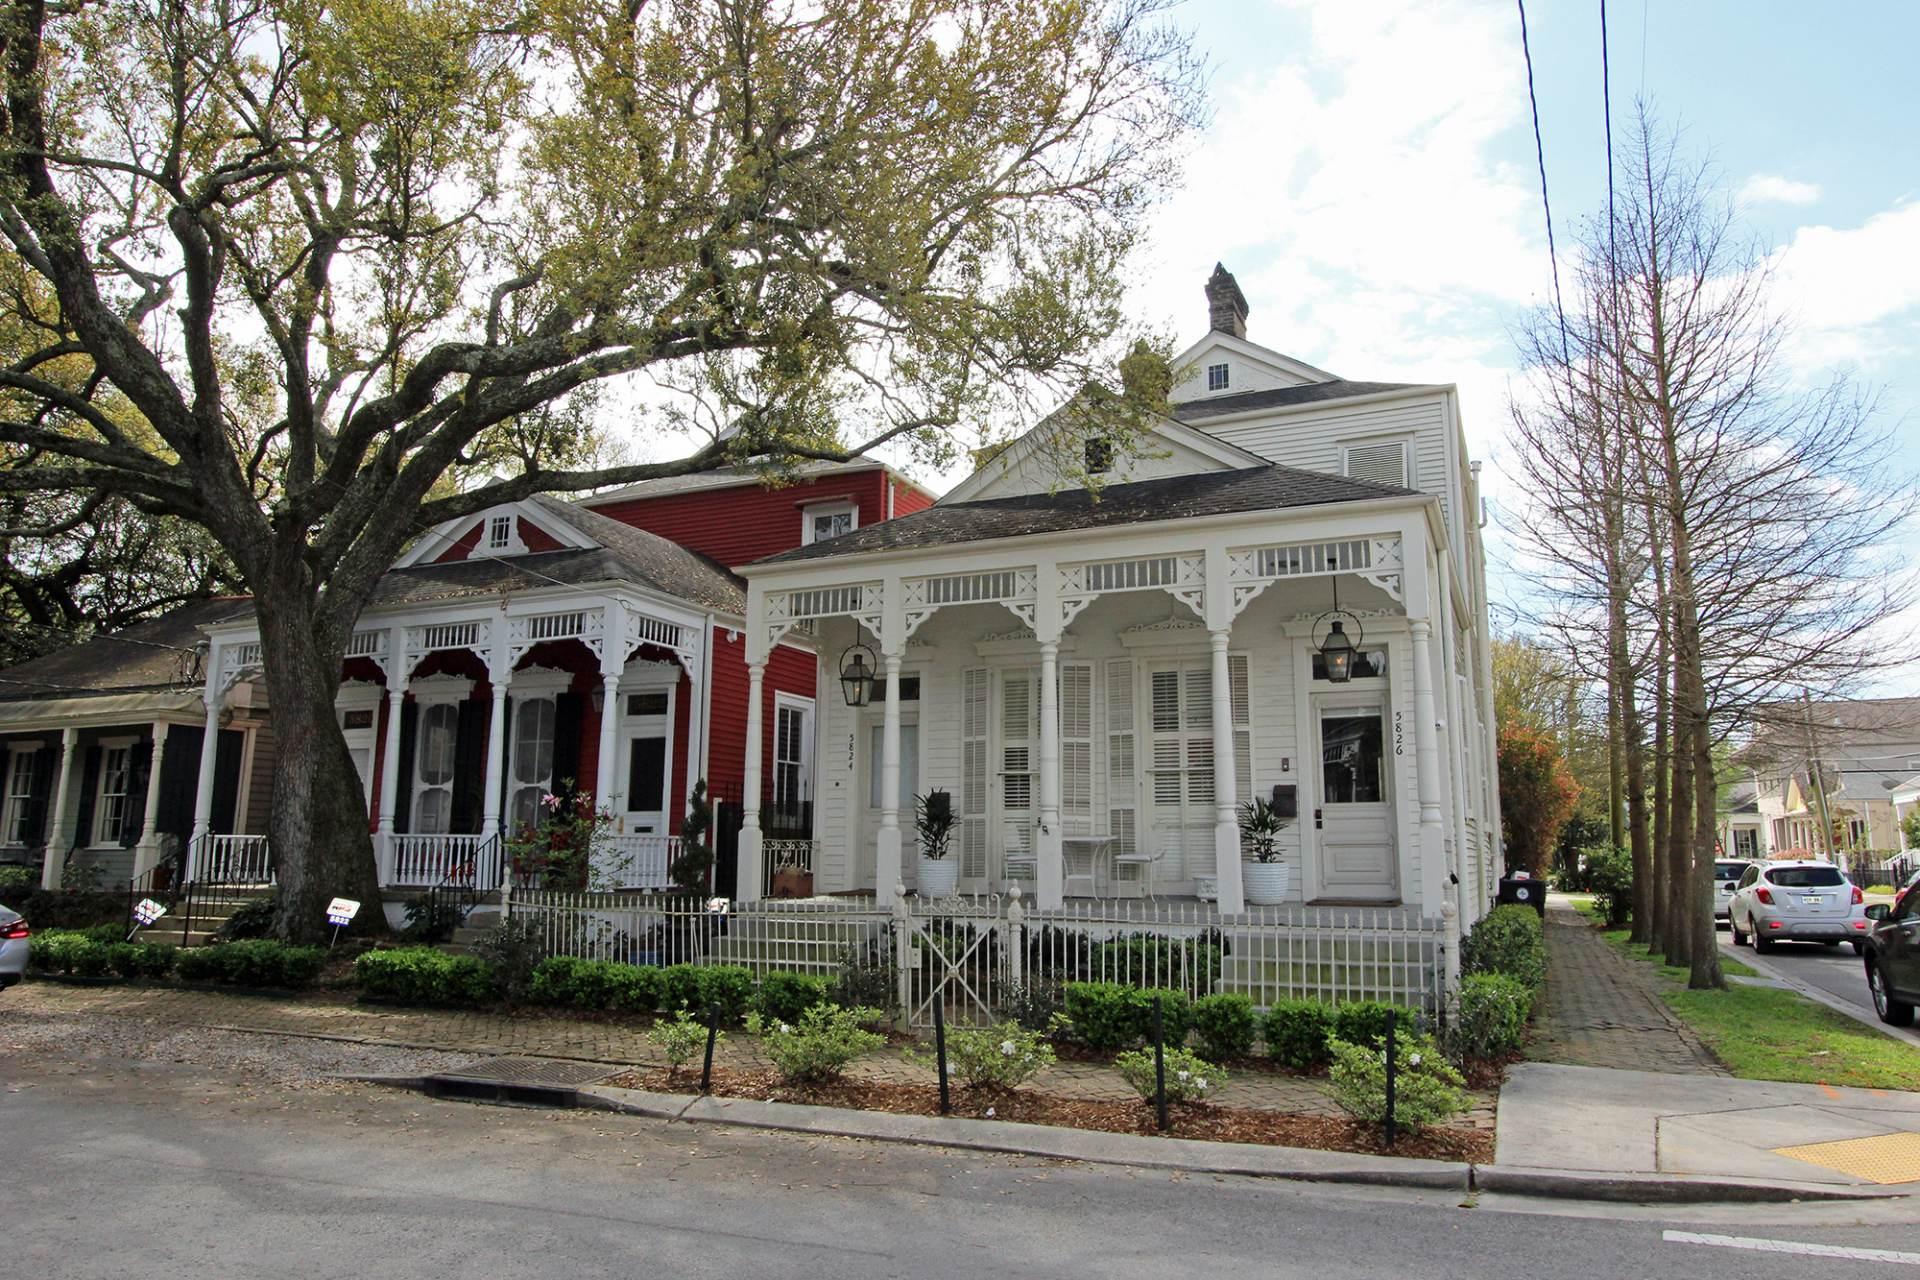 west riverside new orleans neighborhood homes